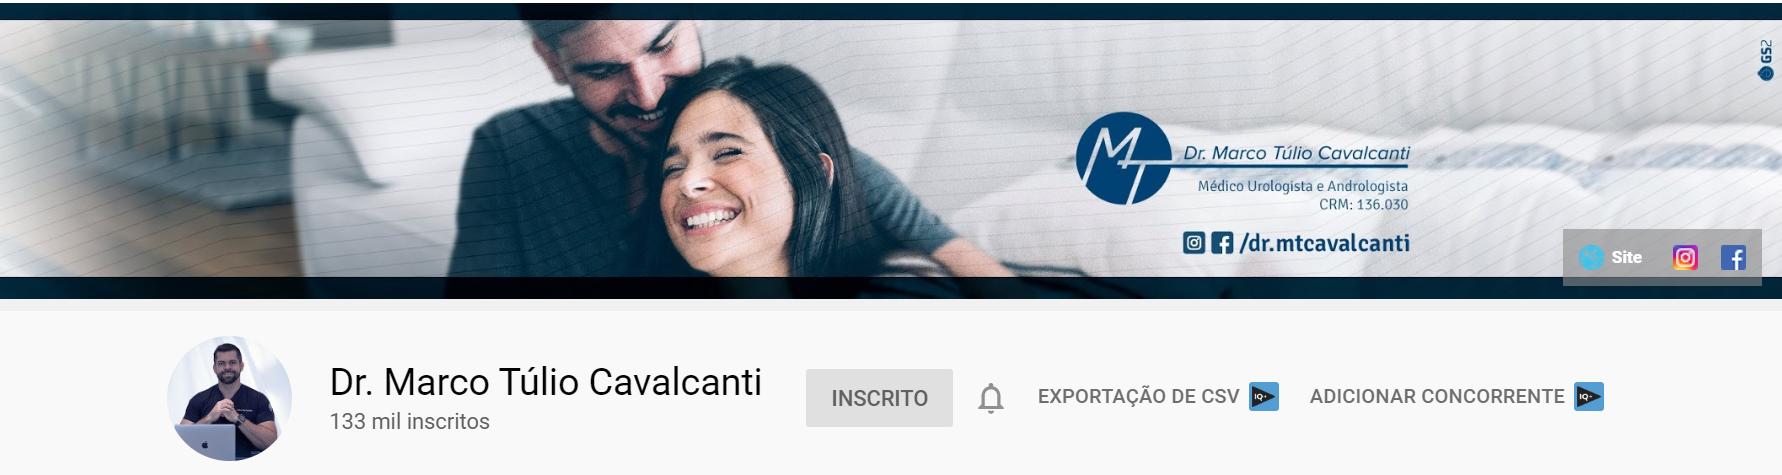 Canal do Youtube em Maio de 2020